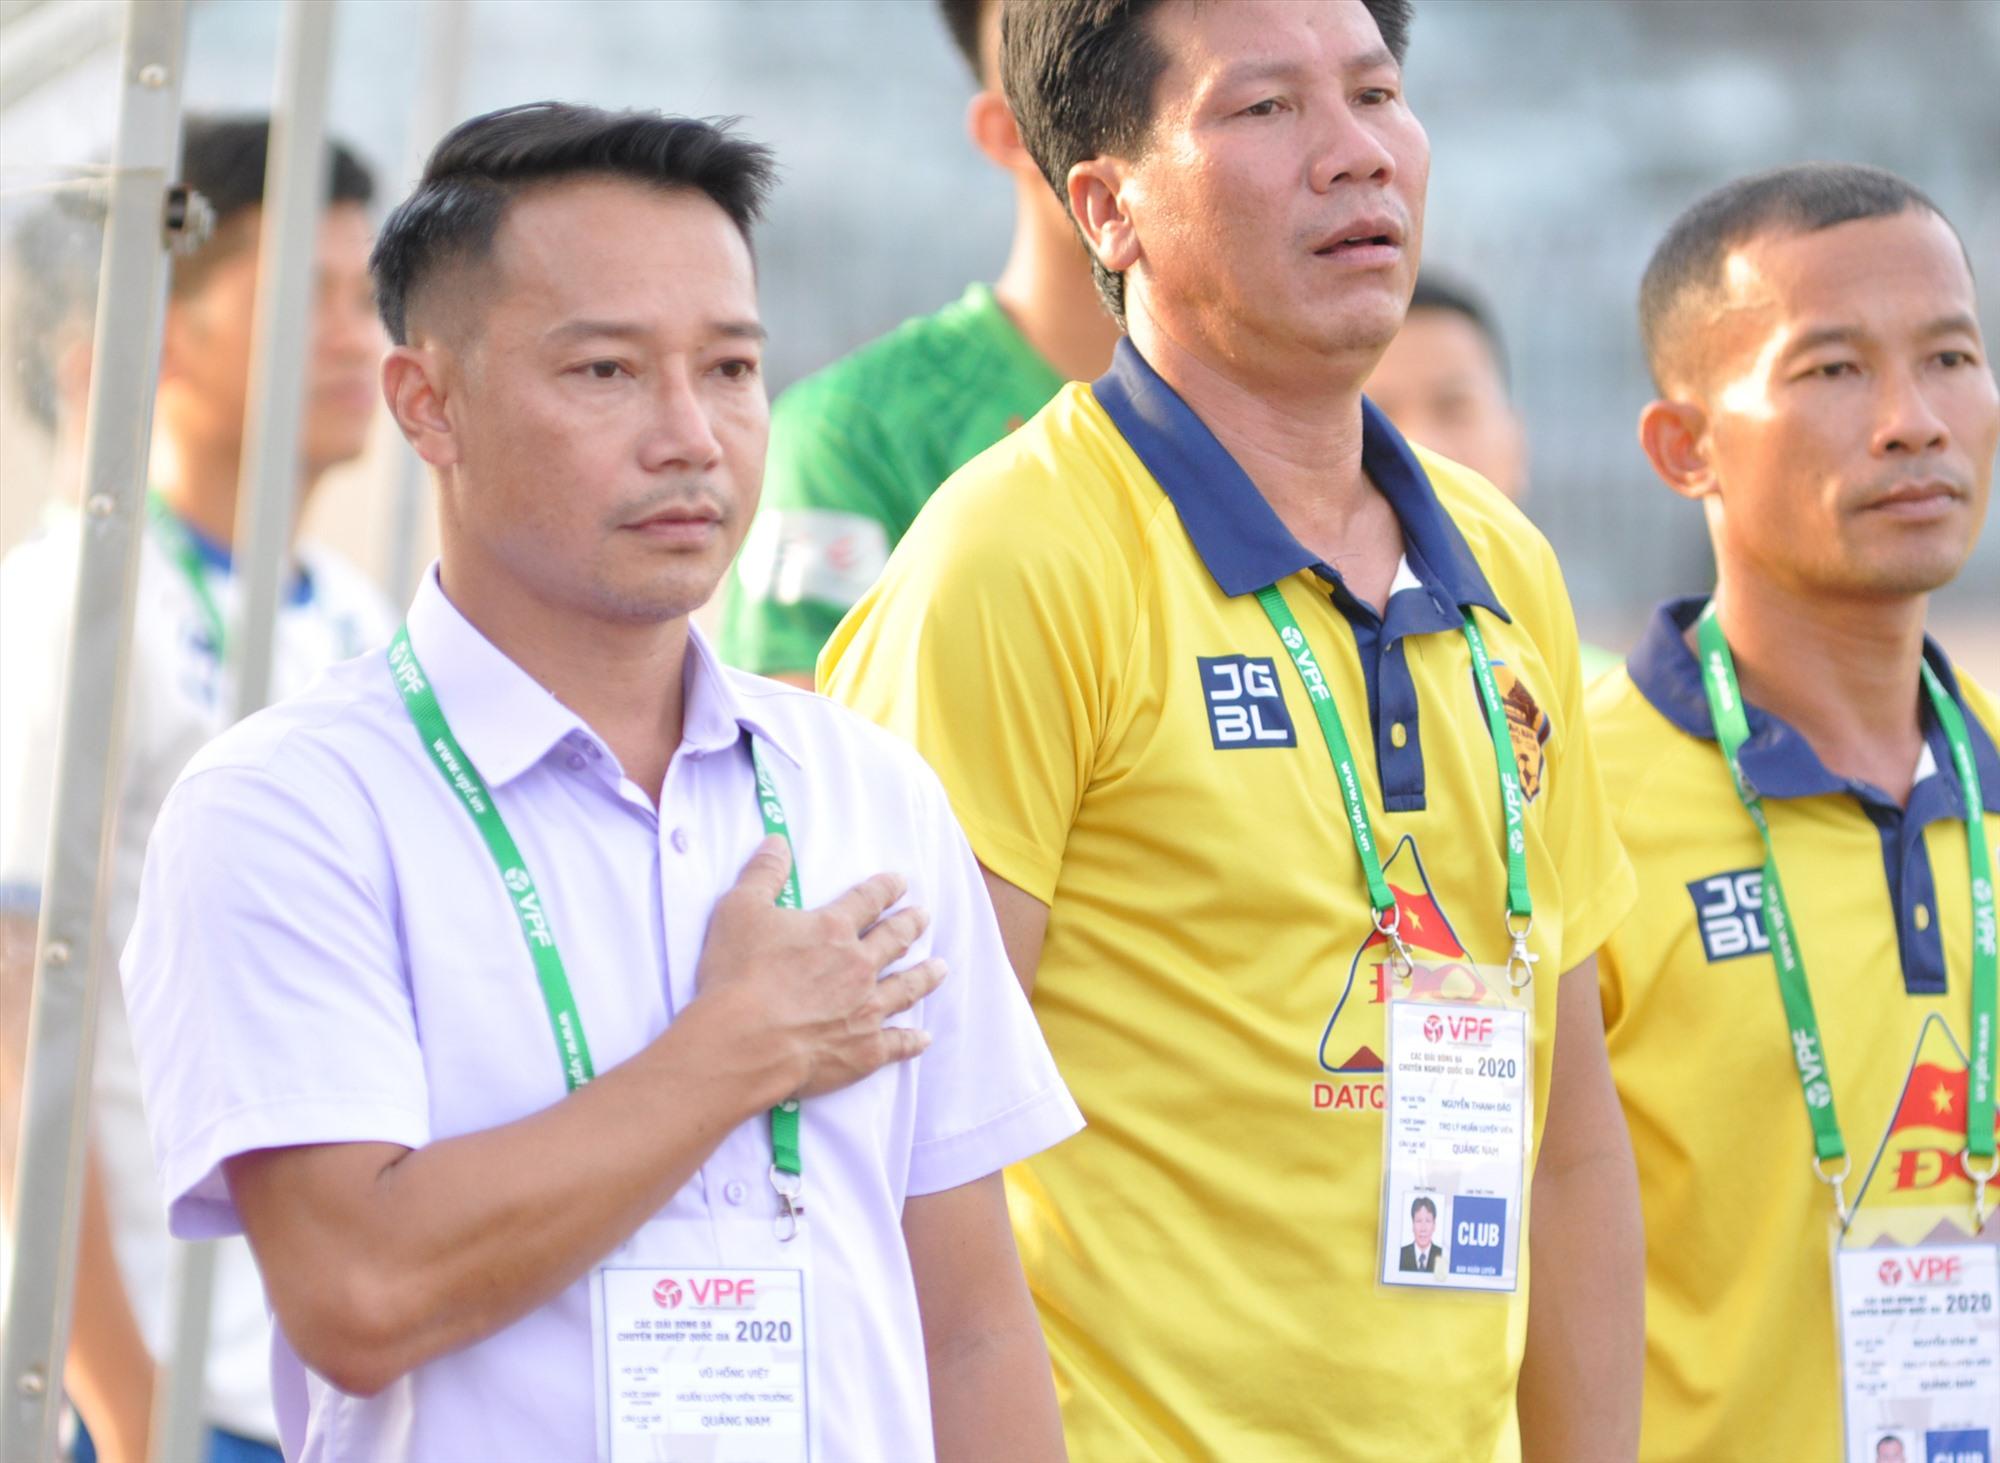 HLV Vũ Hồng Việt tại cuộc tiếp đón Viettel - trận đấu cuối cùng với vai trò HLV trưởng Quảng Nam. Ảnh: T.V